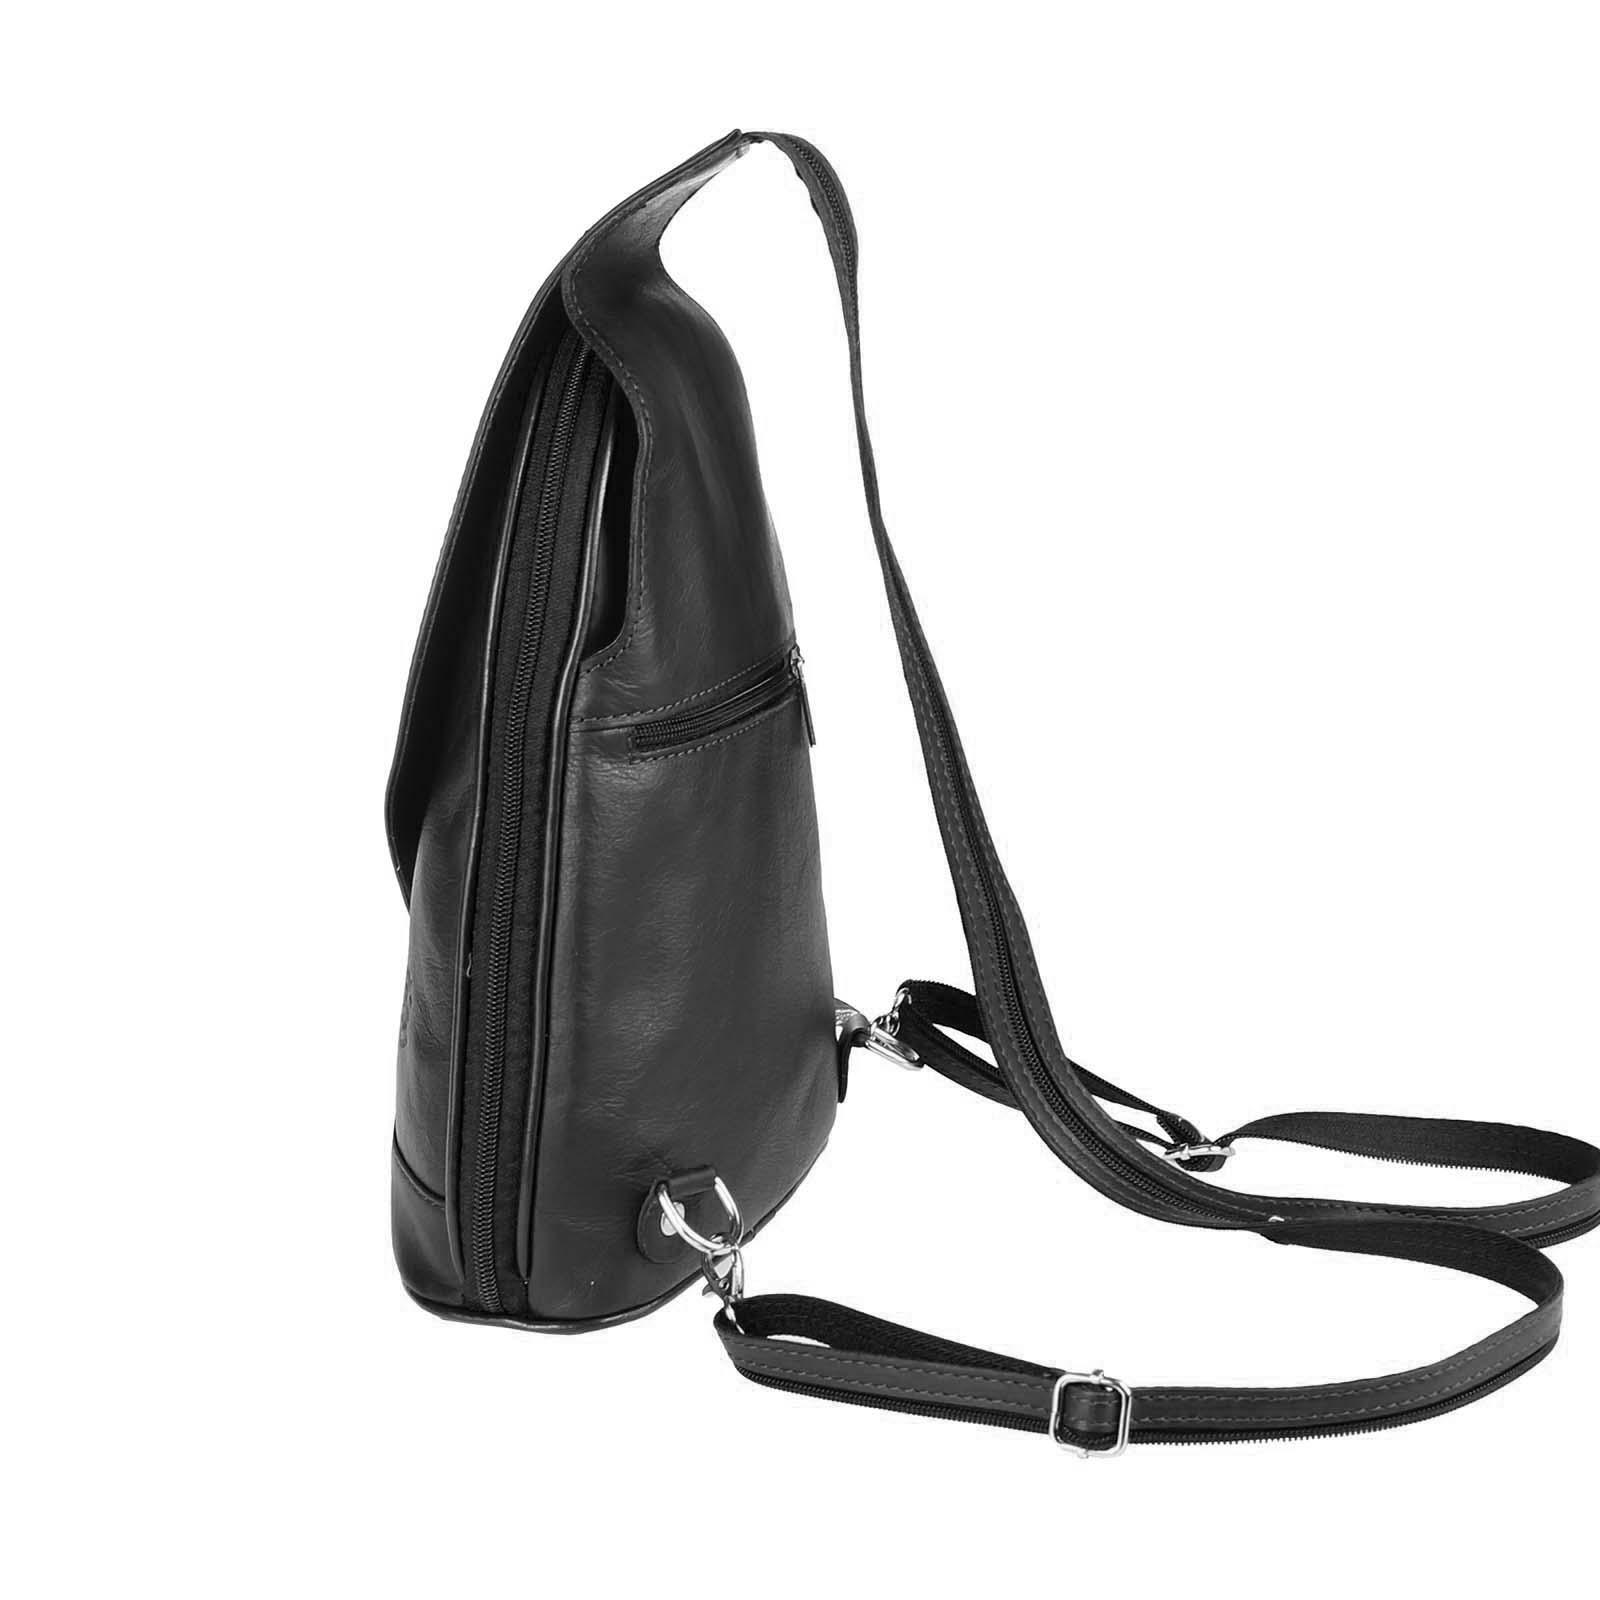 ITALY-DAMEN-LEDER-RUCKSACK-Schulter-Tasche-Reise-BACKPACK-Lederrucksack-it-BAG Indexbild 19